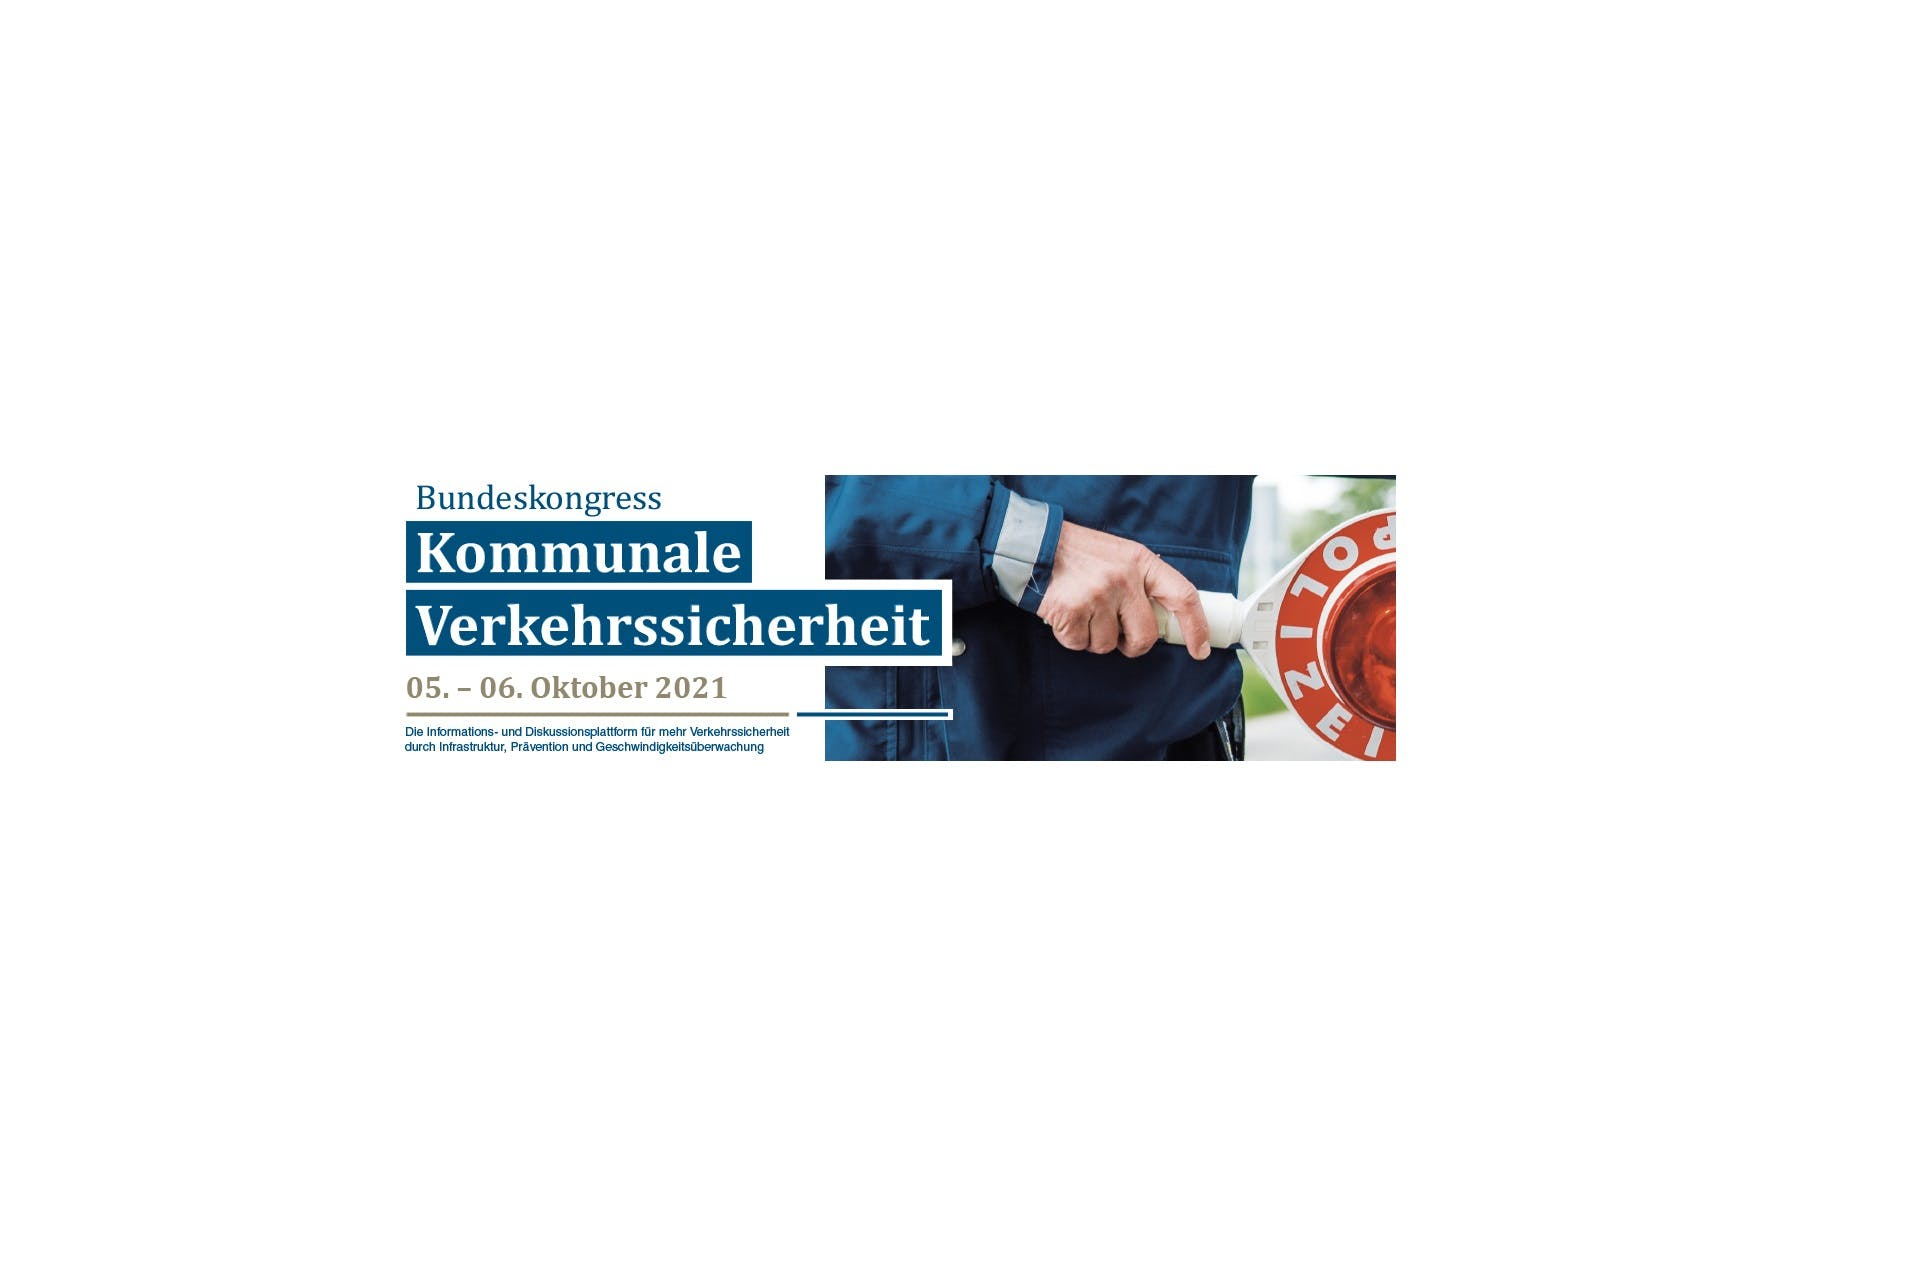 Logo Bundeskongress Kommunale Verkehrssicherheit